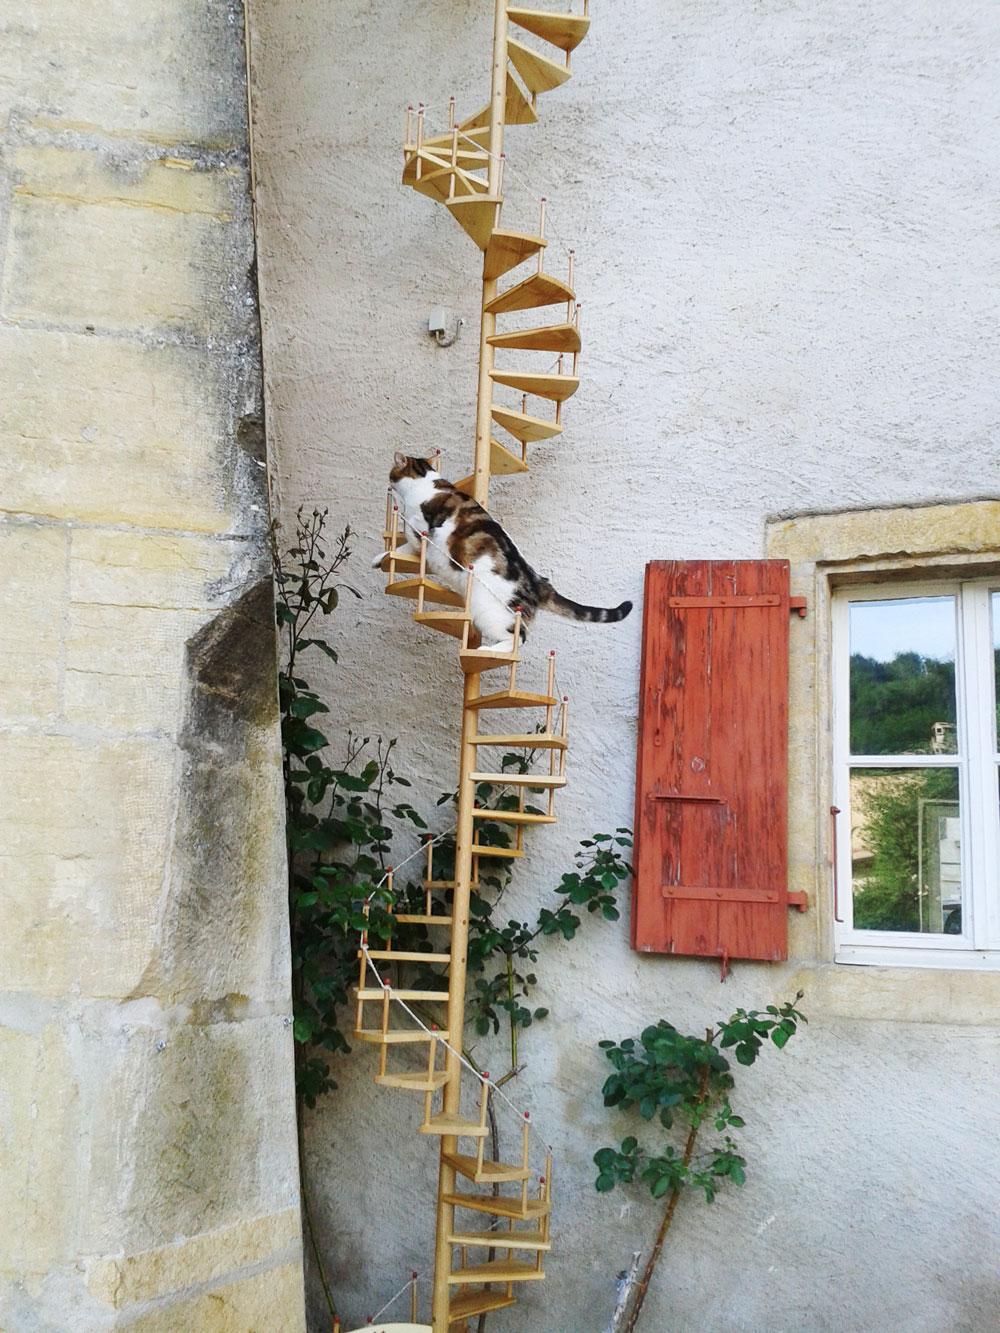 echelle_A_chat_suisse_sur_mesure_photo_1